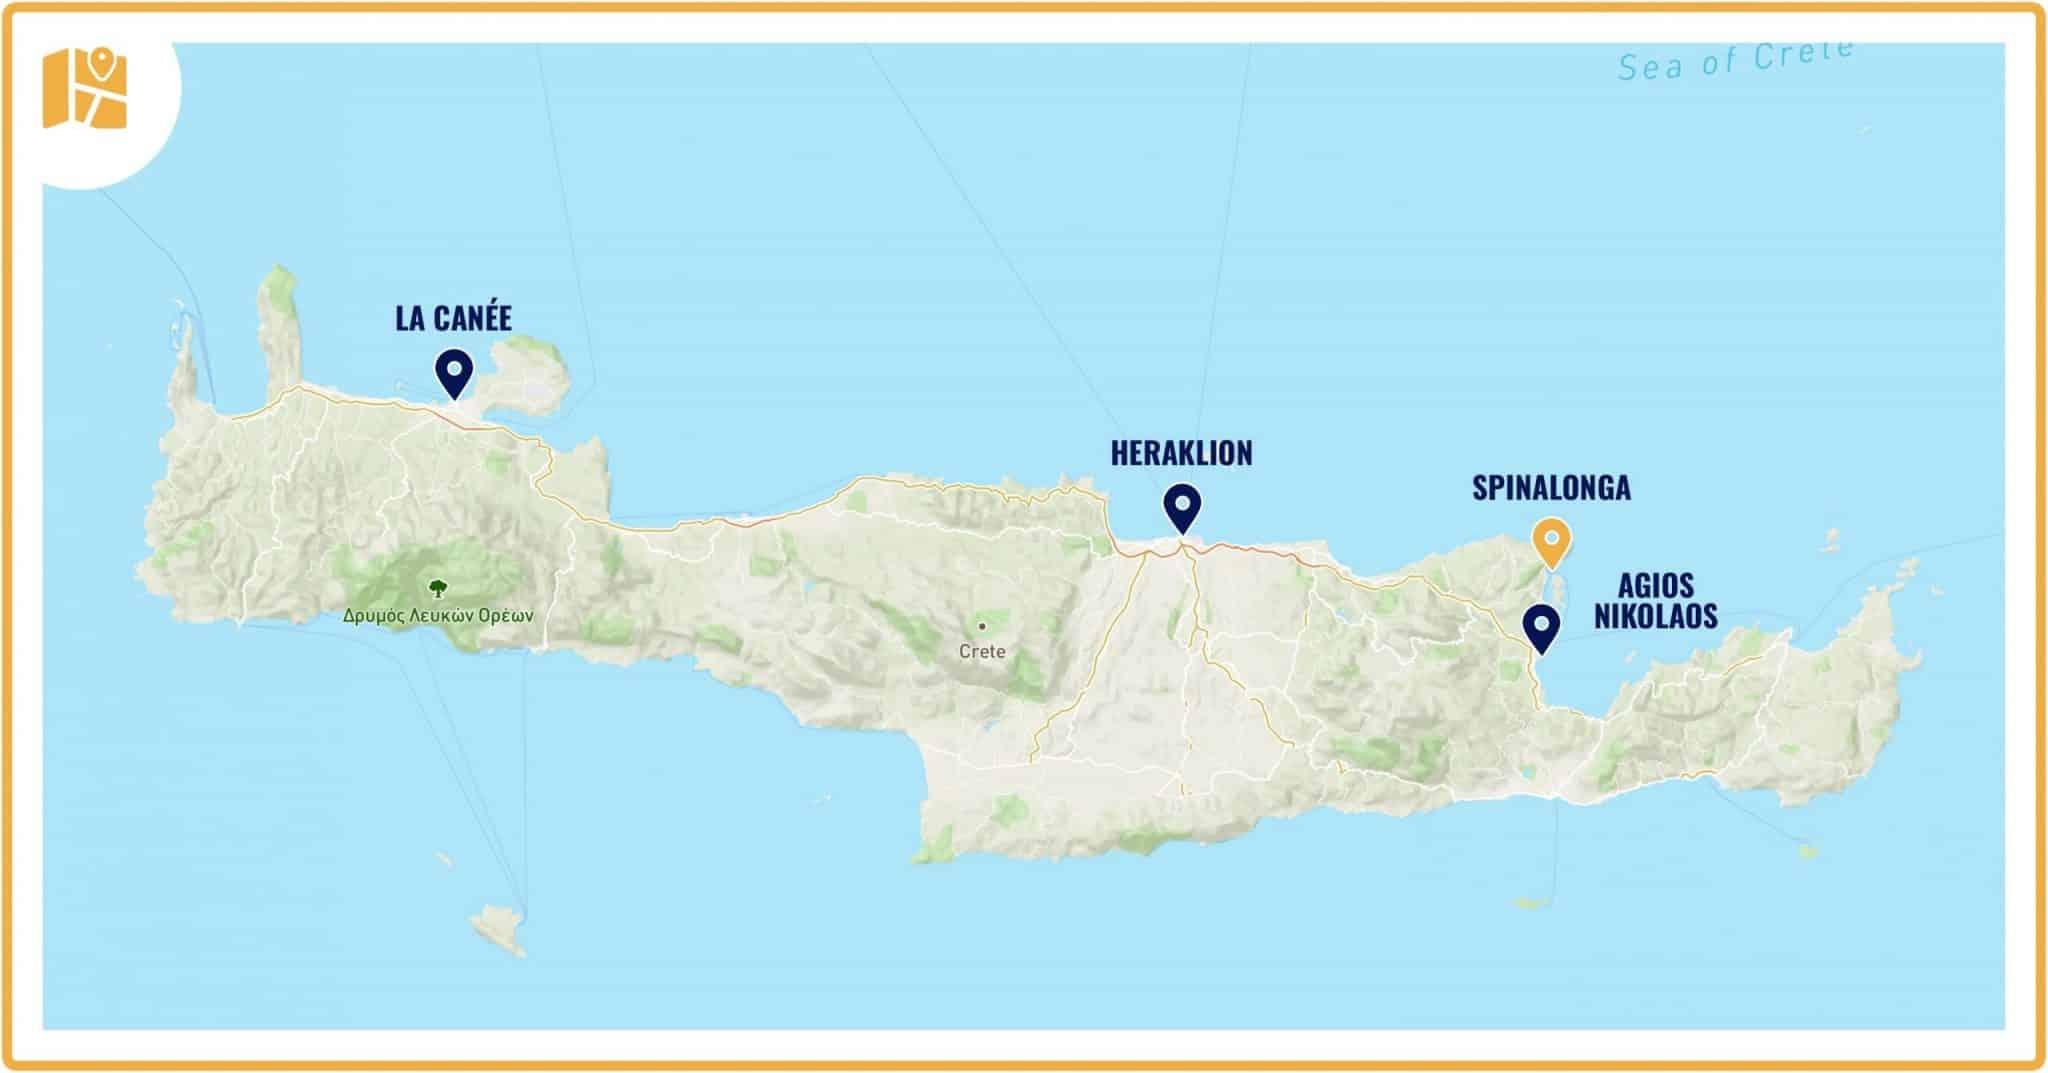 Carte de la Crète avec Spinalonga